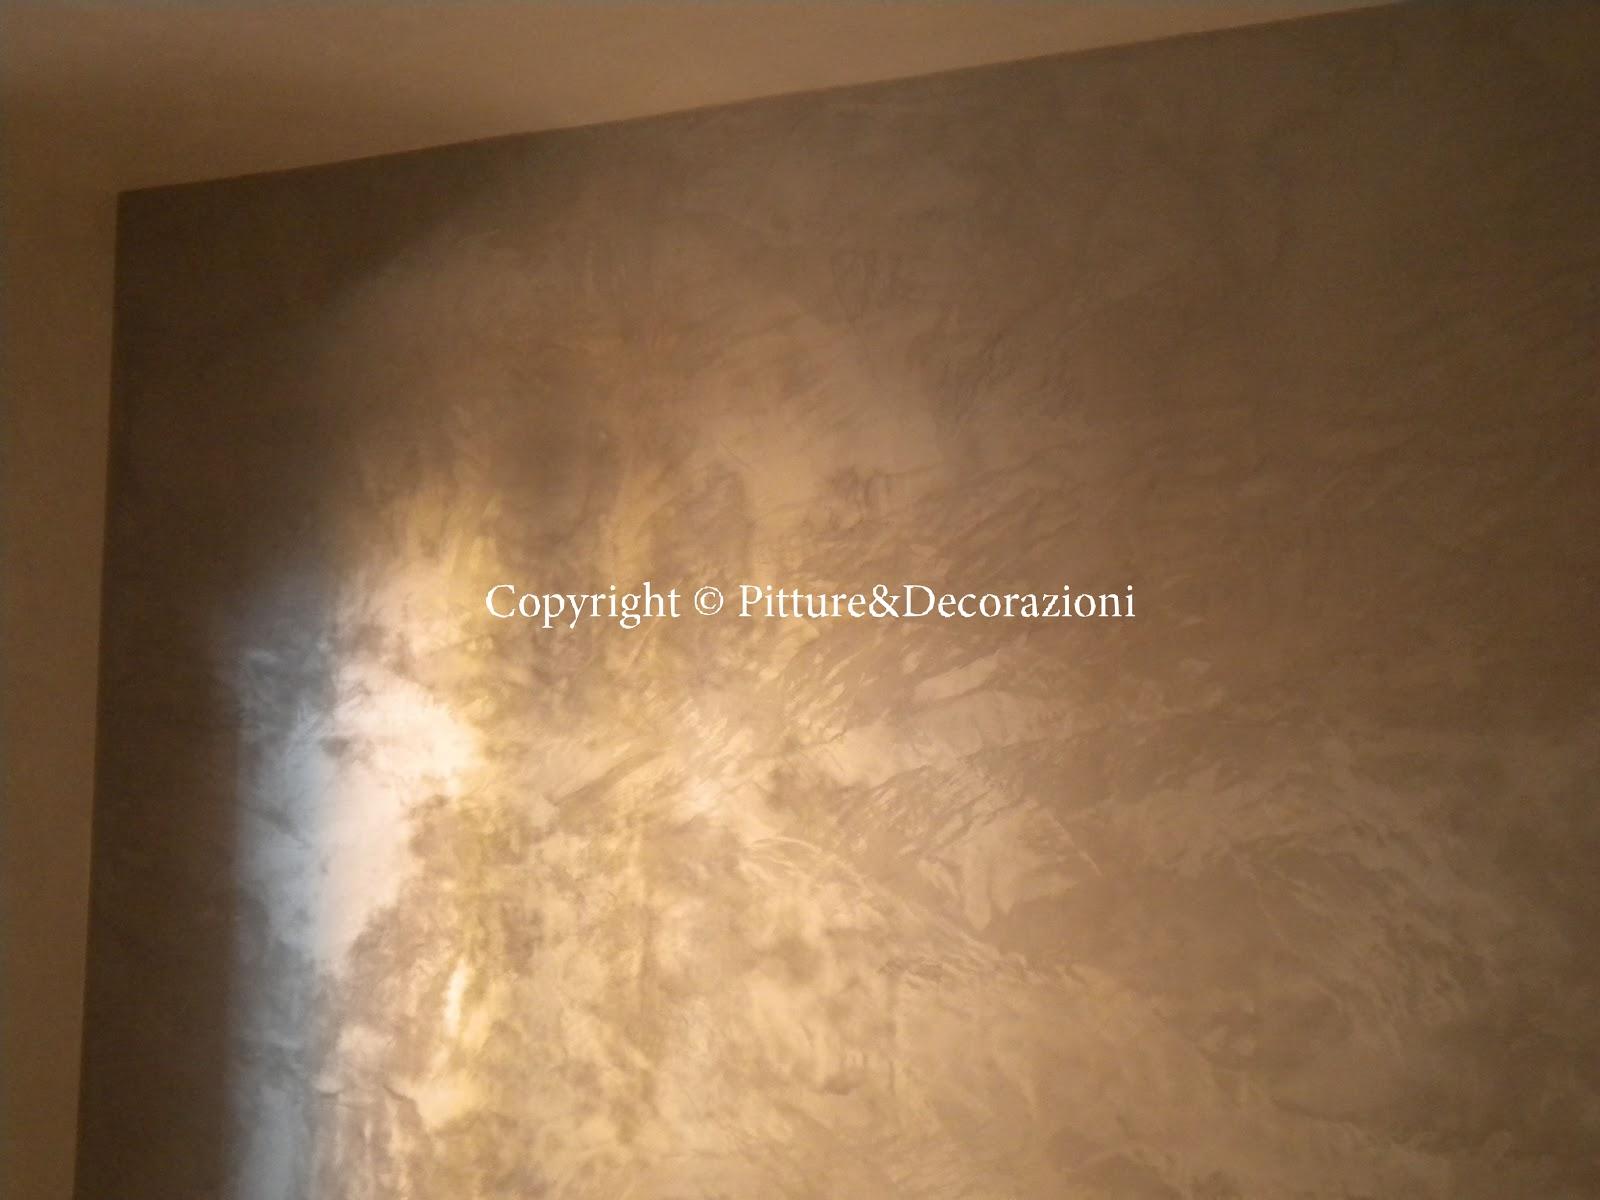 Pittura Pareti Effetto Seta : Decorazione perlescente seta effetto prezioso